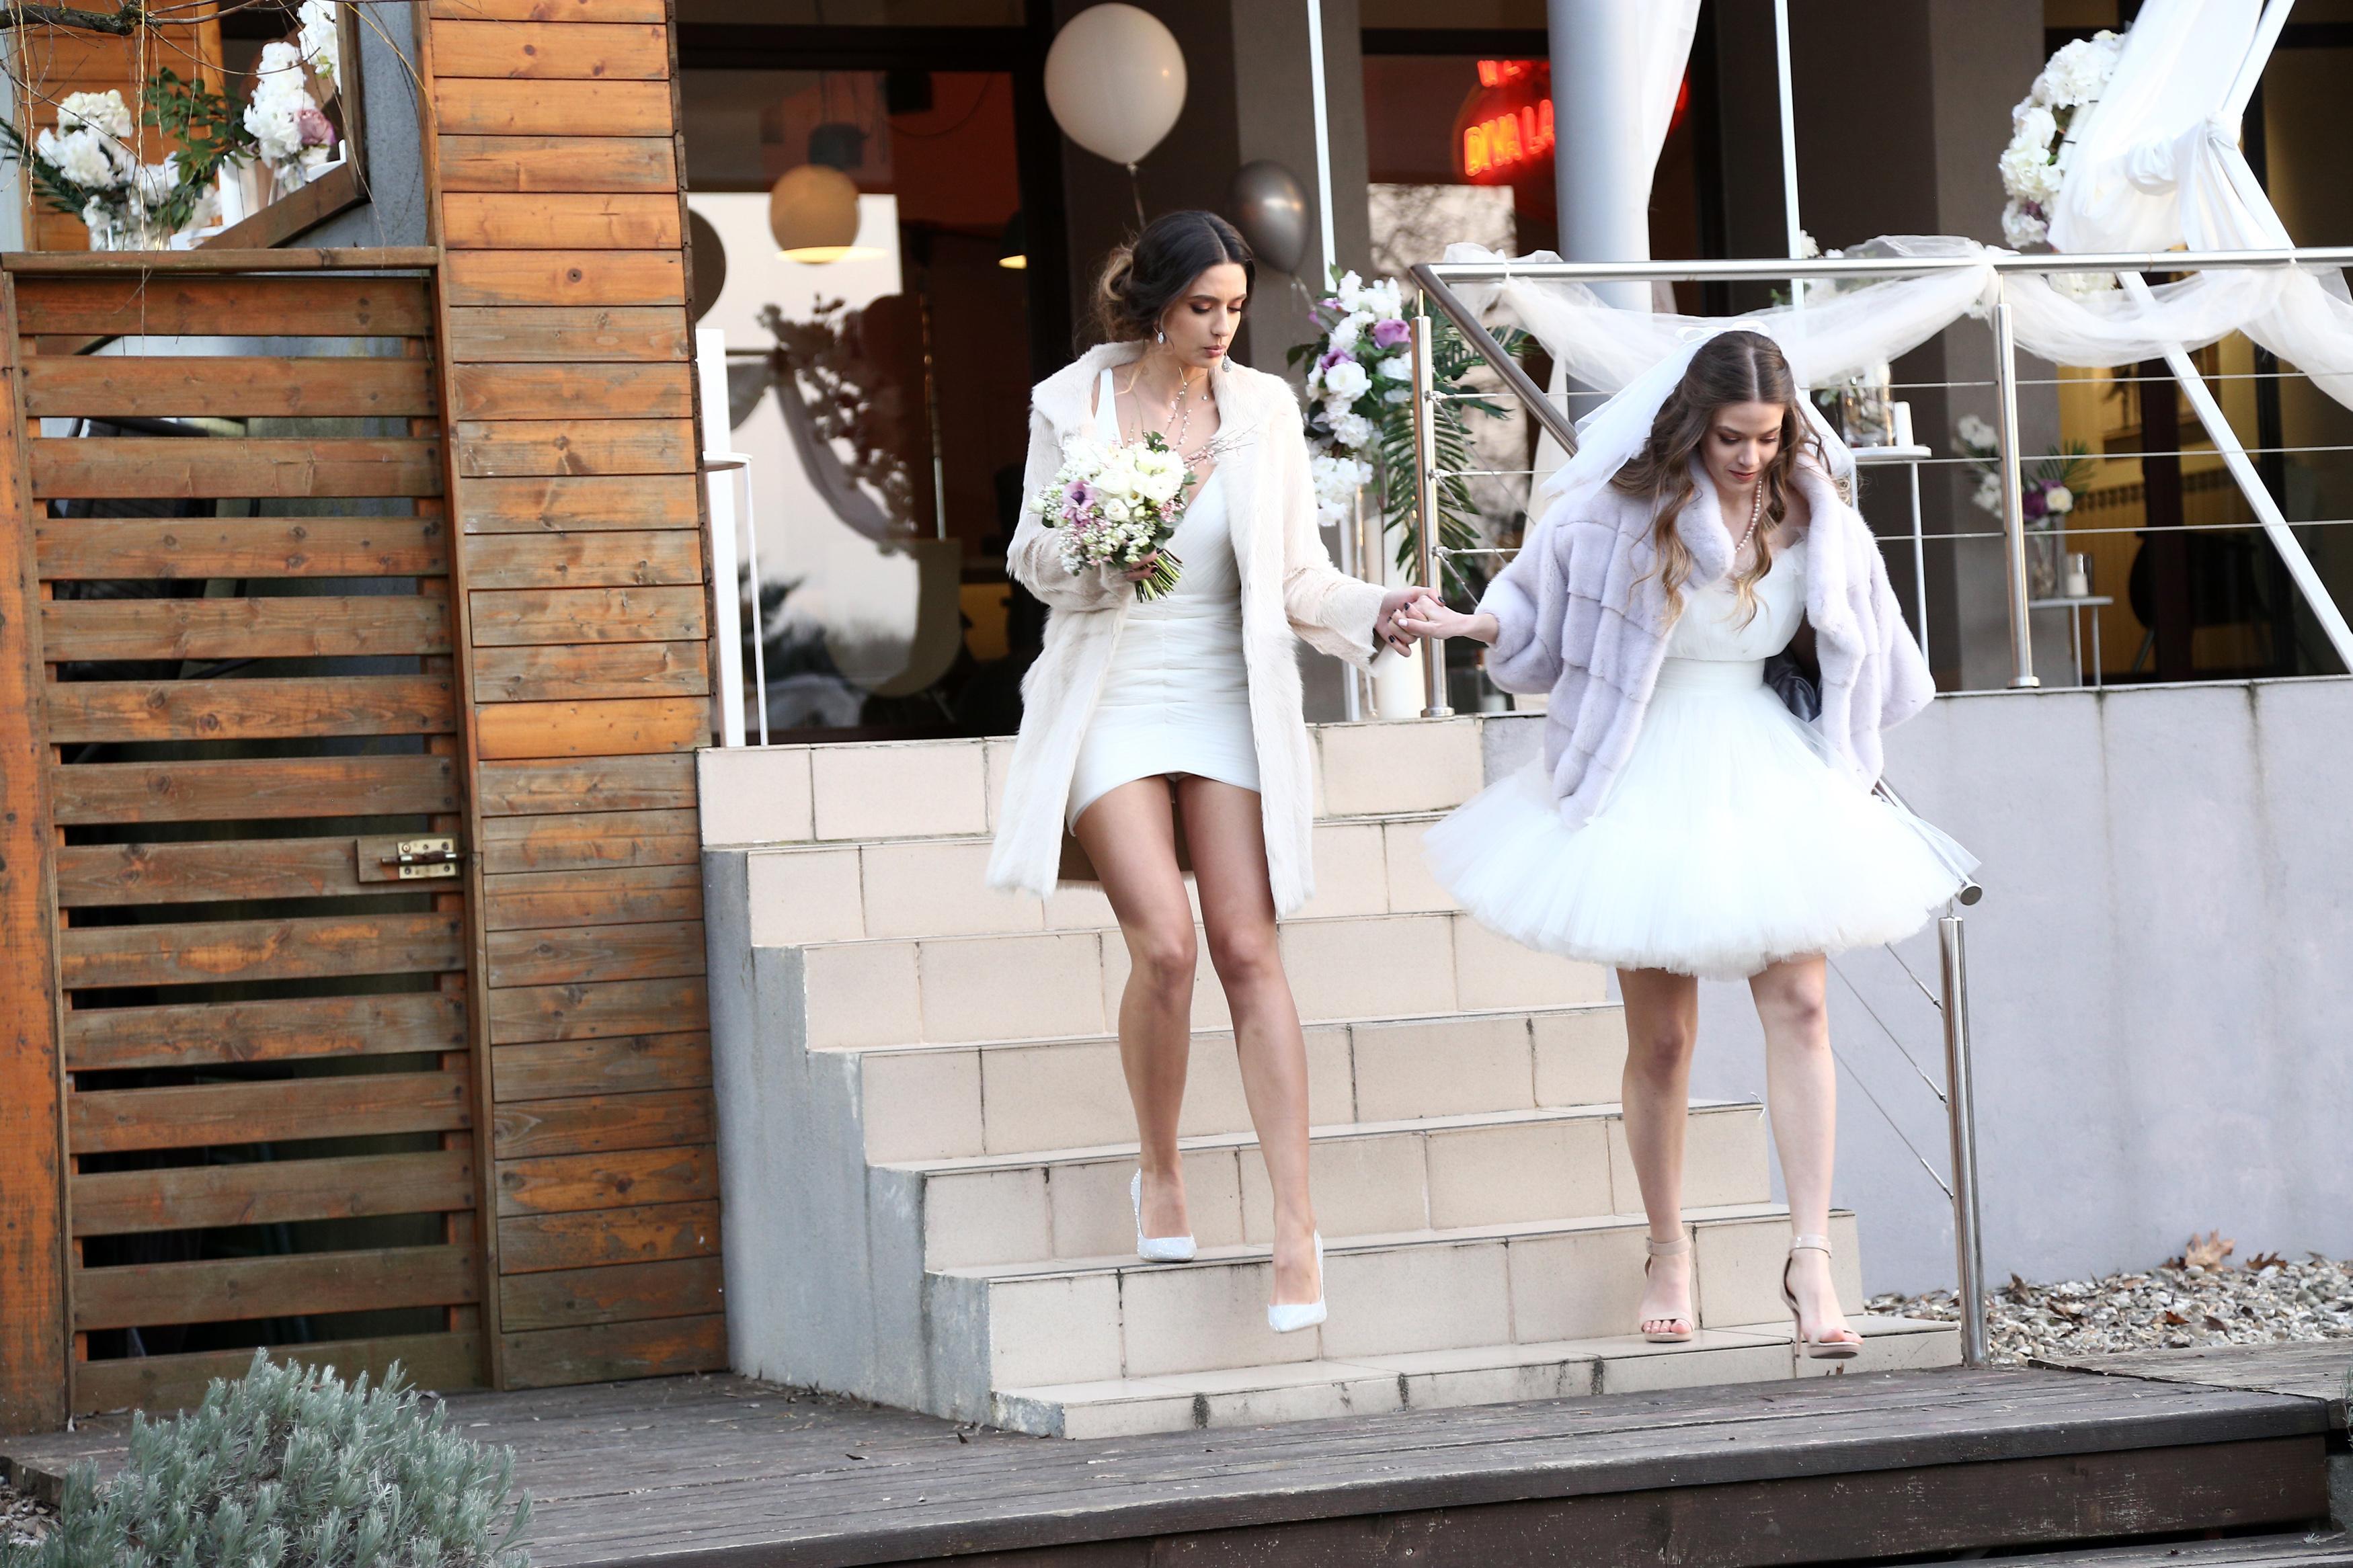 Serial Adela, episodul 47 si episodul 48, din 24 iunie 2021.Andreea recurge la un gest oribil ca să împiedice nunta Adelei